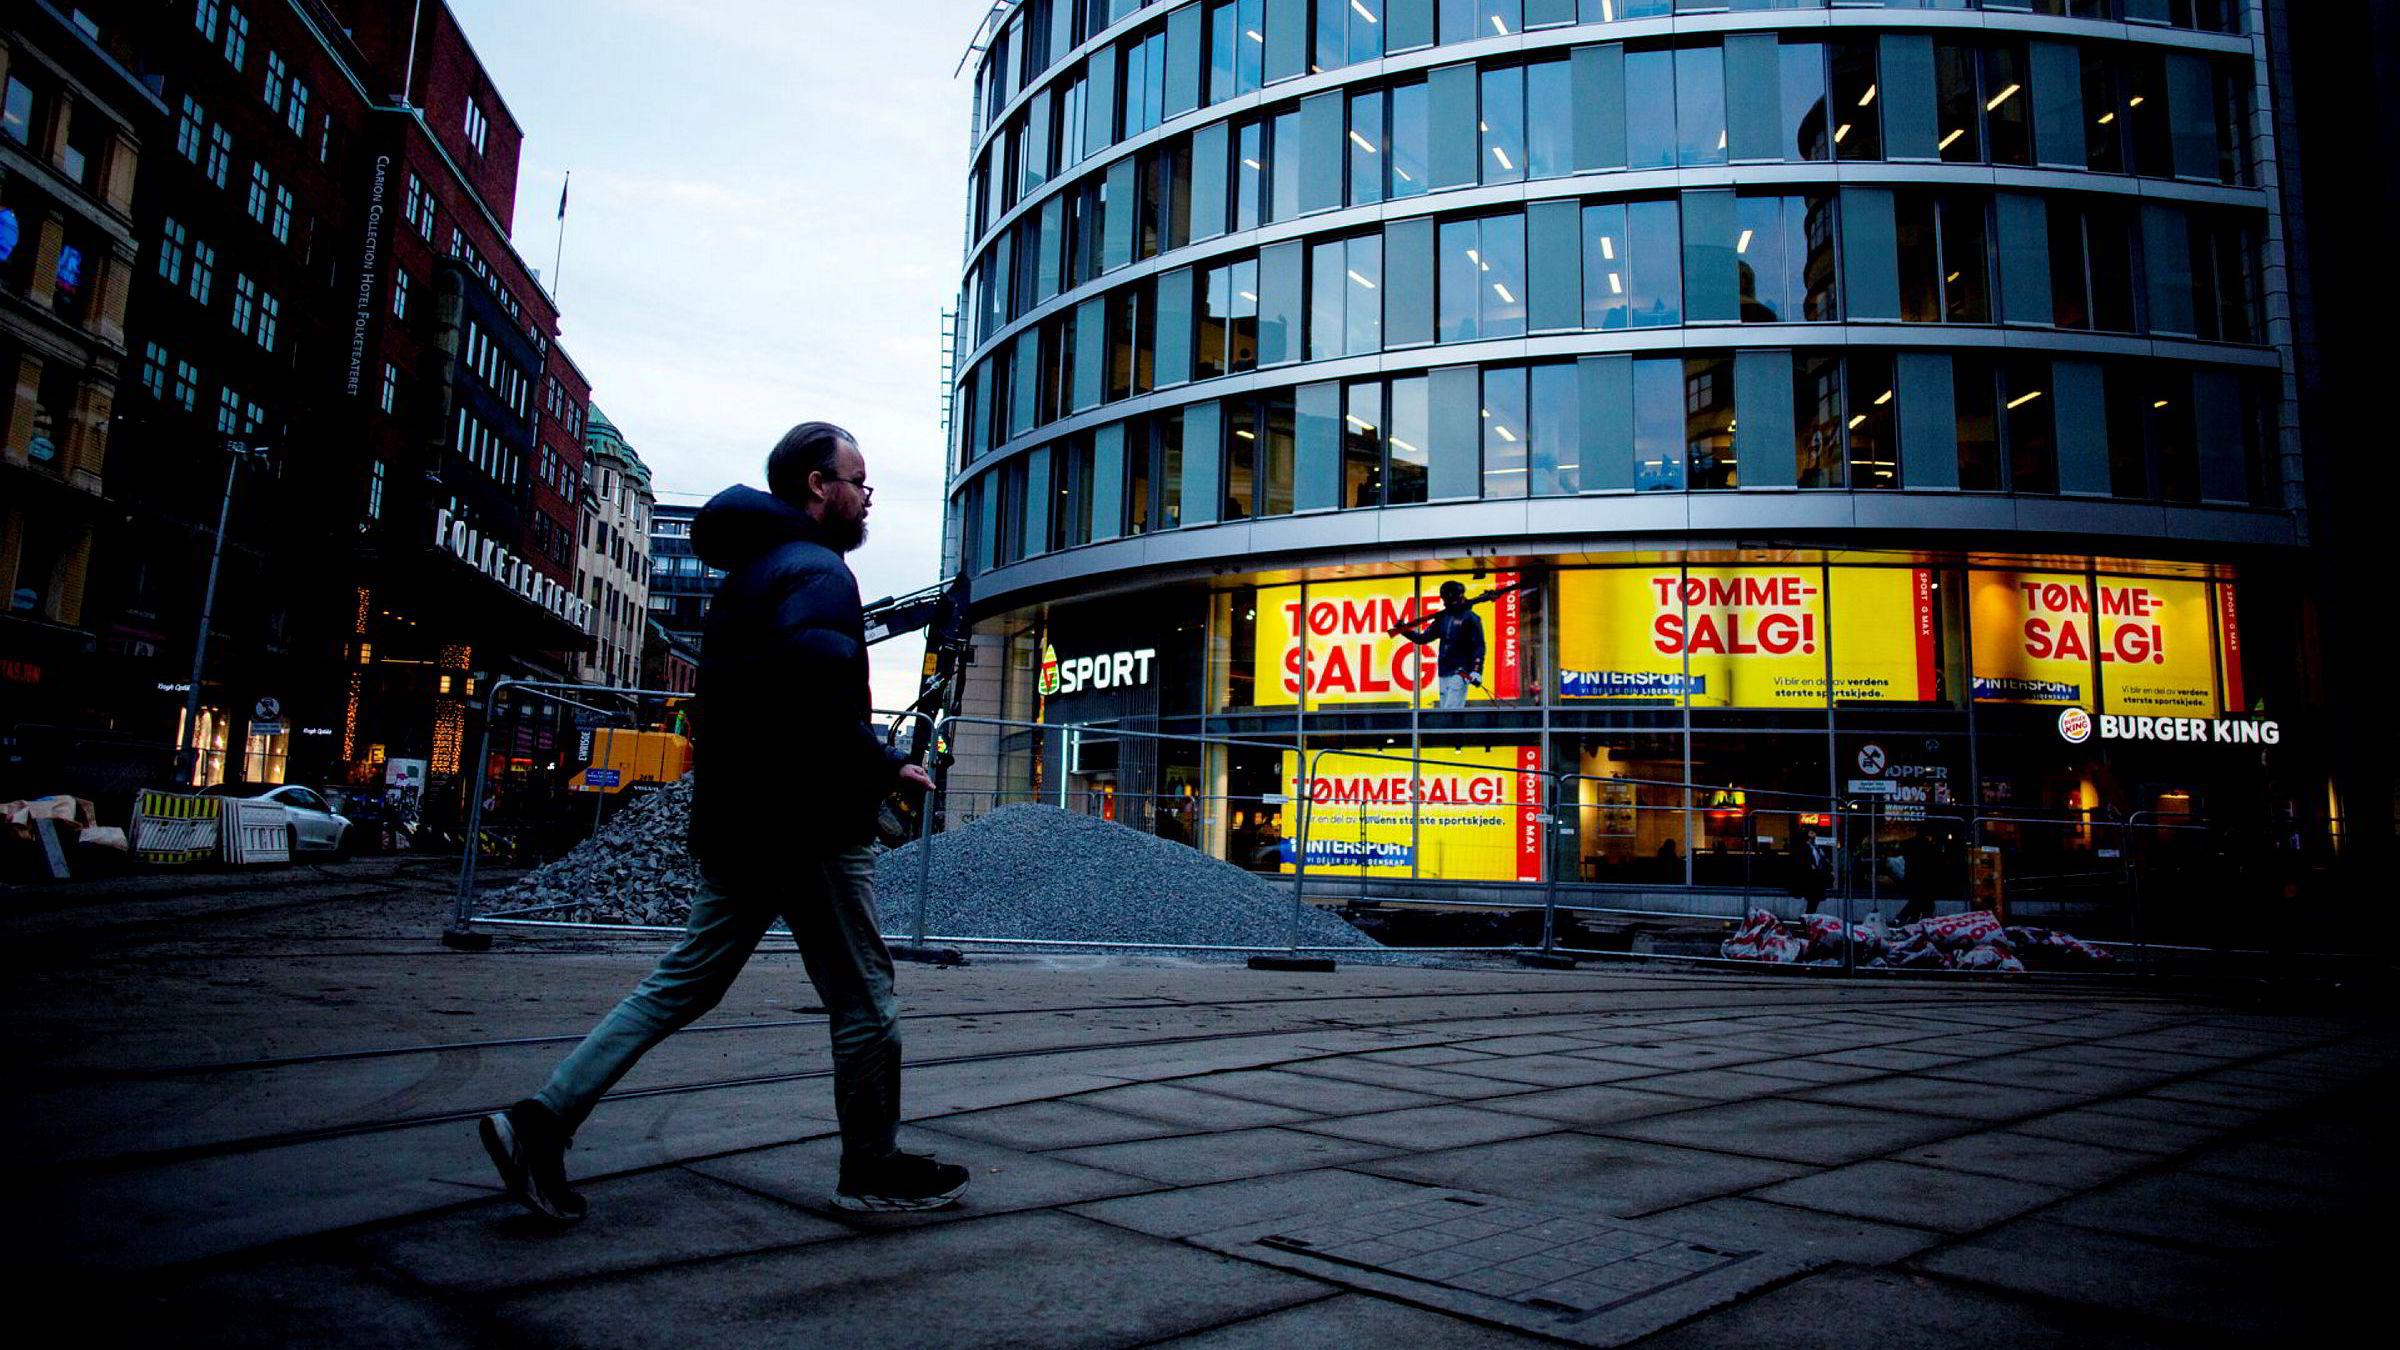 På utsalget til G-sport i Oslo sentrum er det tømmesalg.